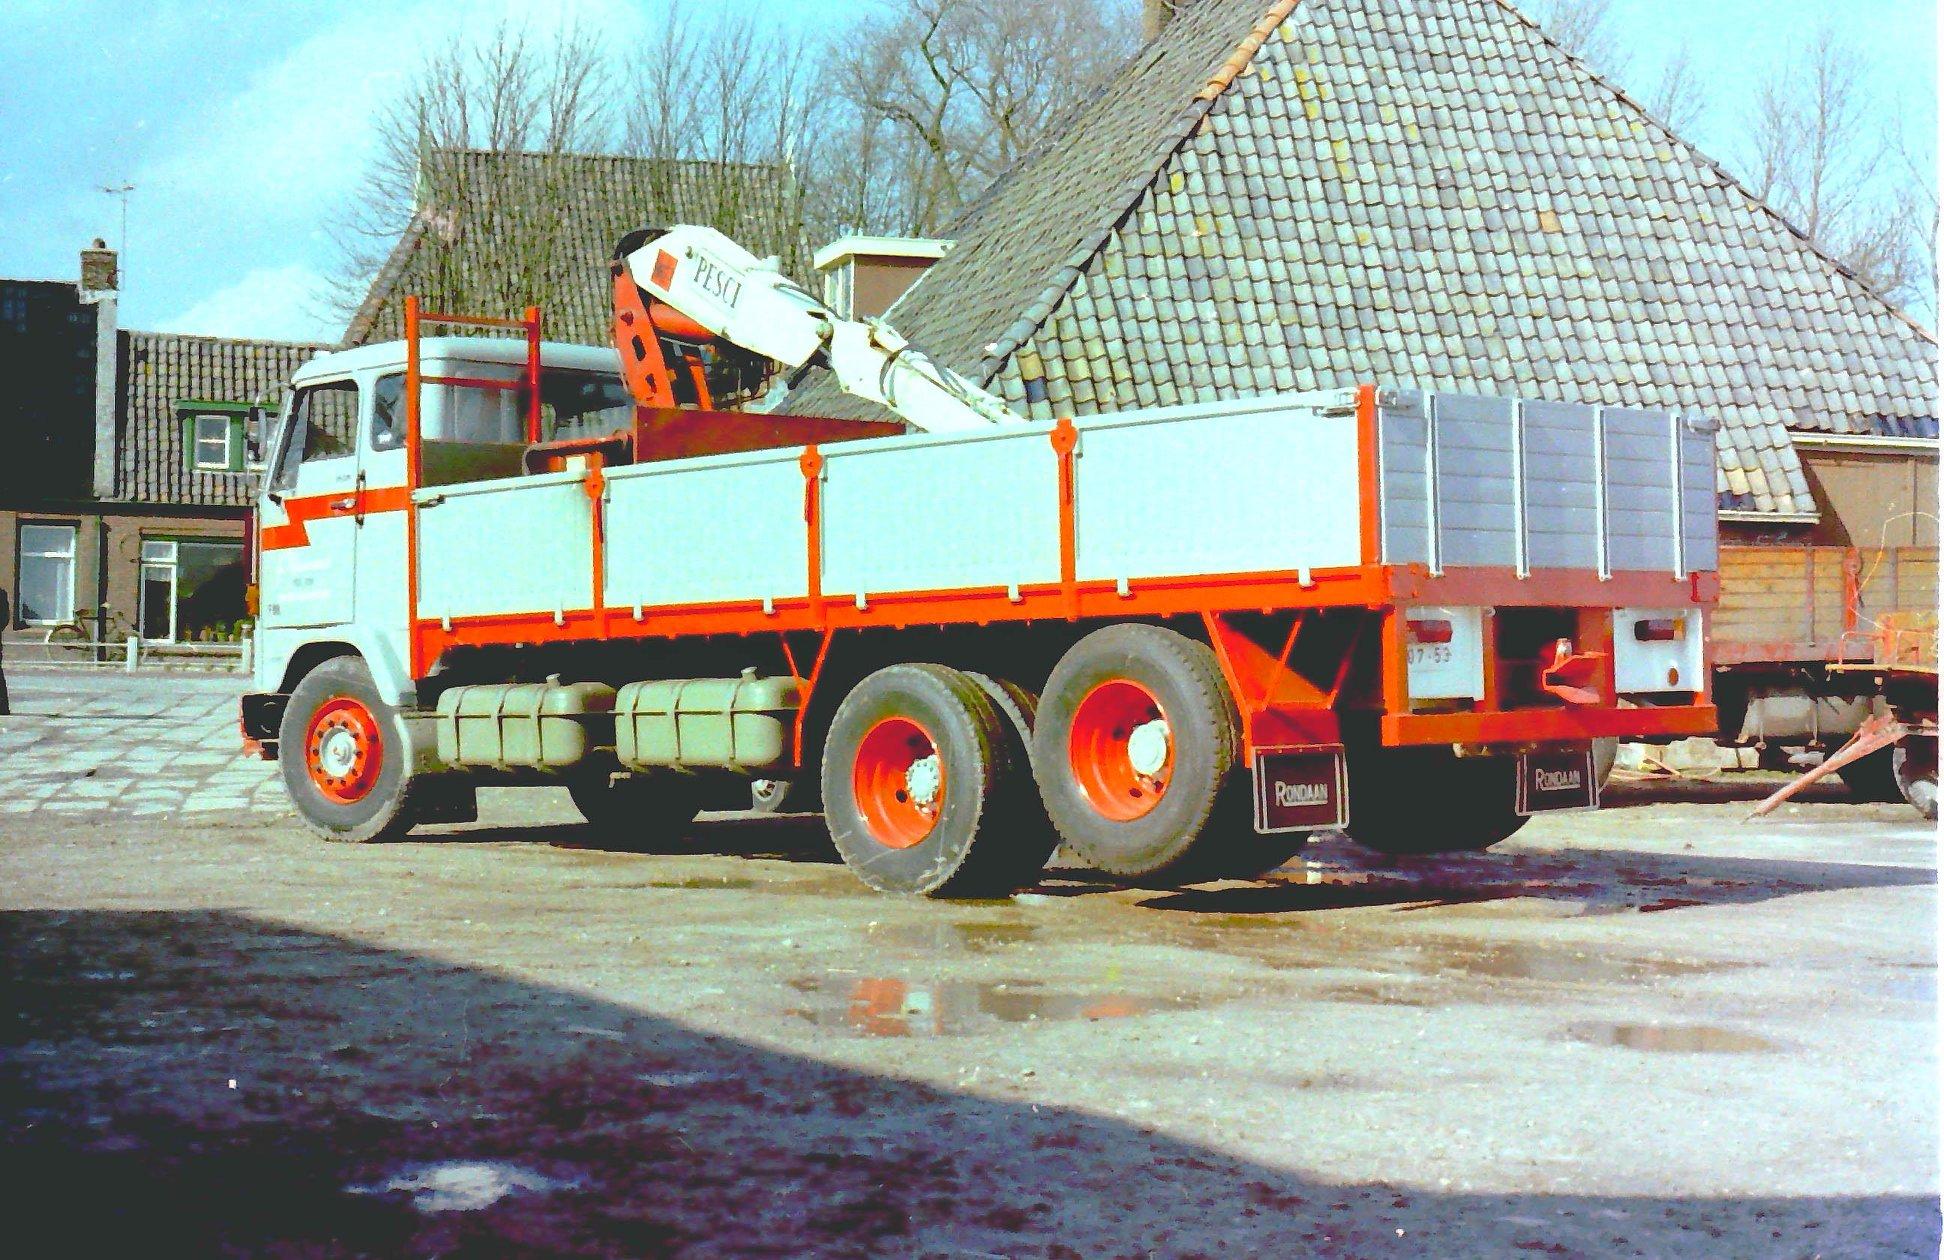 2-vrachtautos-van-Wassenaar-in-Beetgumermolen-gemaakt-voor-de-oude-loods-in-Beetgumermolen--fotos-door-mij-gemaakt-Lolle-5